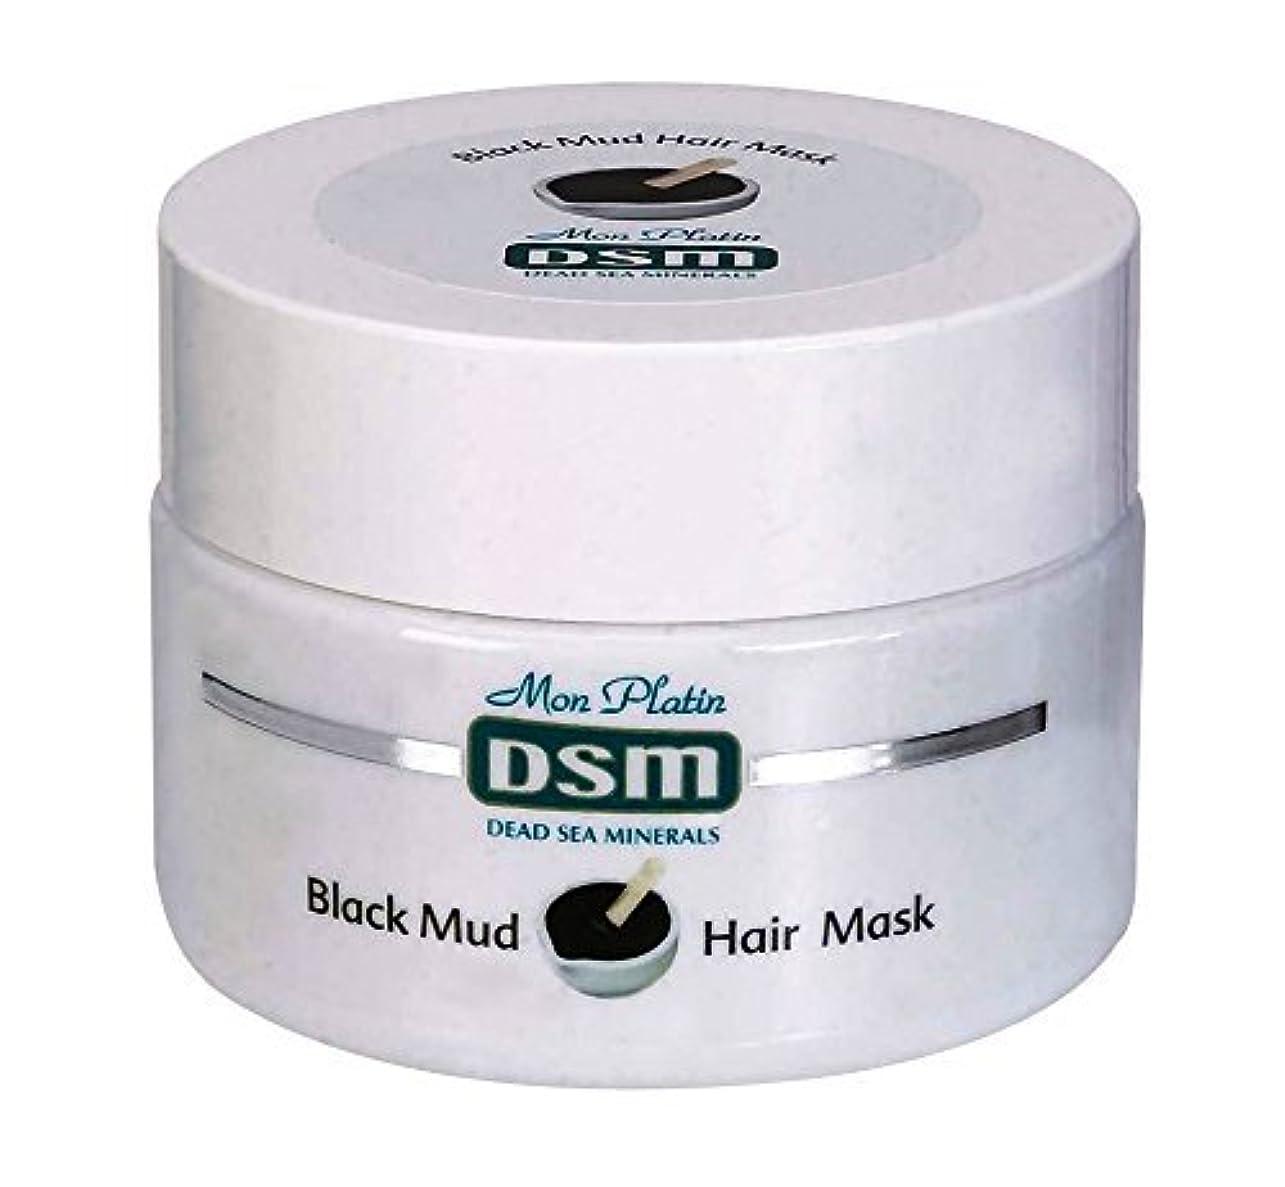 引退した本部ファセット頭皮と髪のための髪の泥マスク 250mL 死海ミネラル 天然 お手入れ 美容 イスラエル 全皮膚タイプ ビタミン (Mud Hair Mask  for Scalp & Hair)